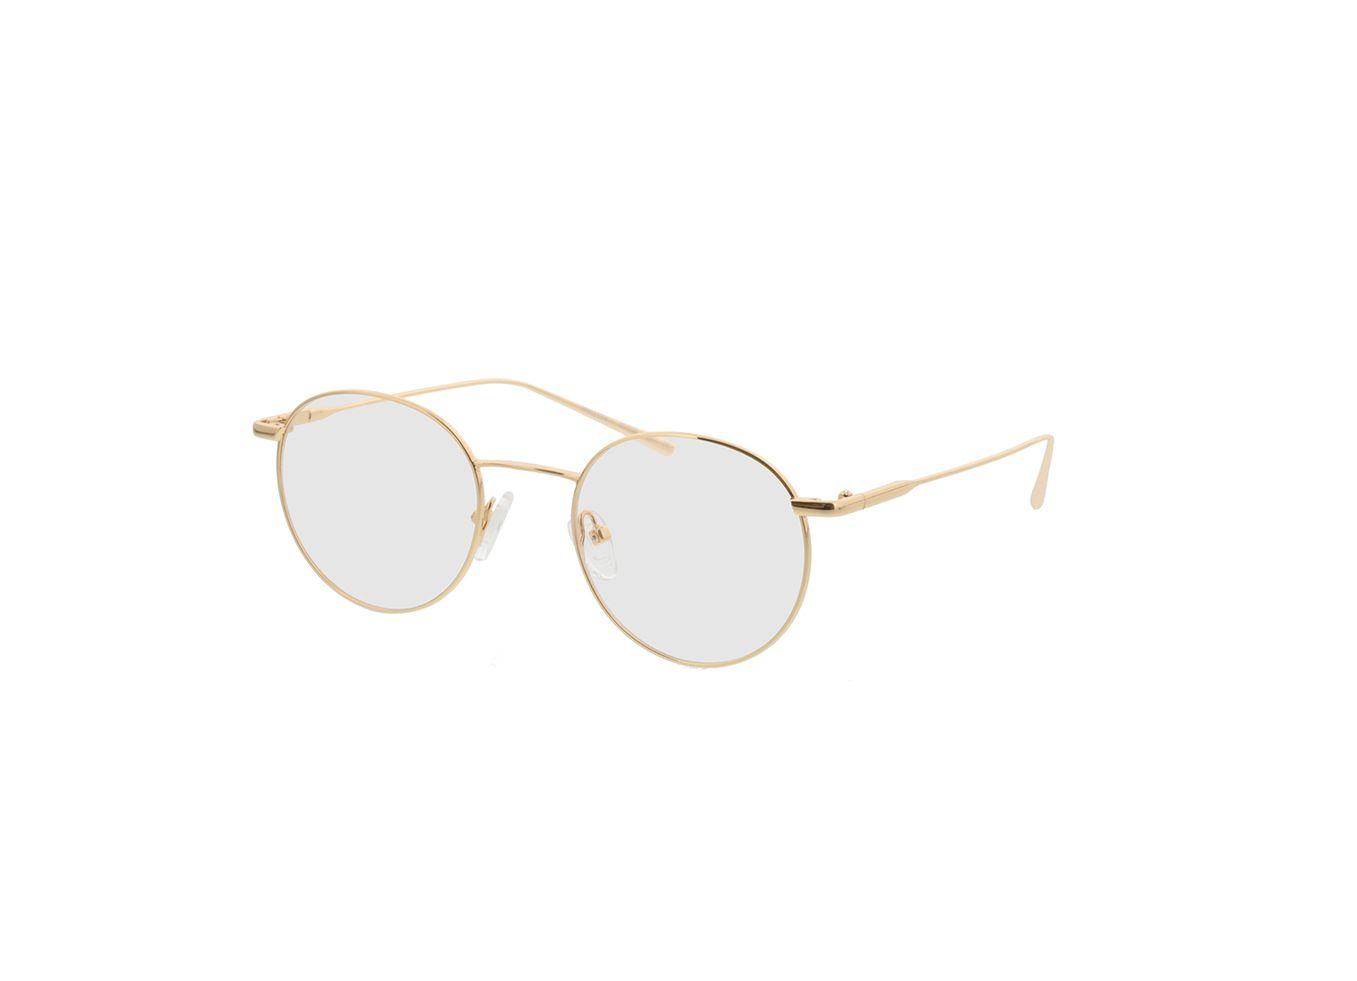 4817-singlevision-0000 Forks-gold Gleitsichtbrille, Vollrand, Rund Brille24 Collection